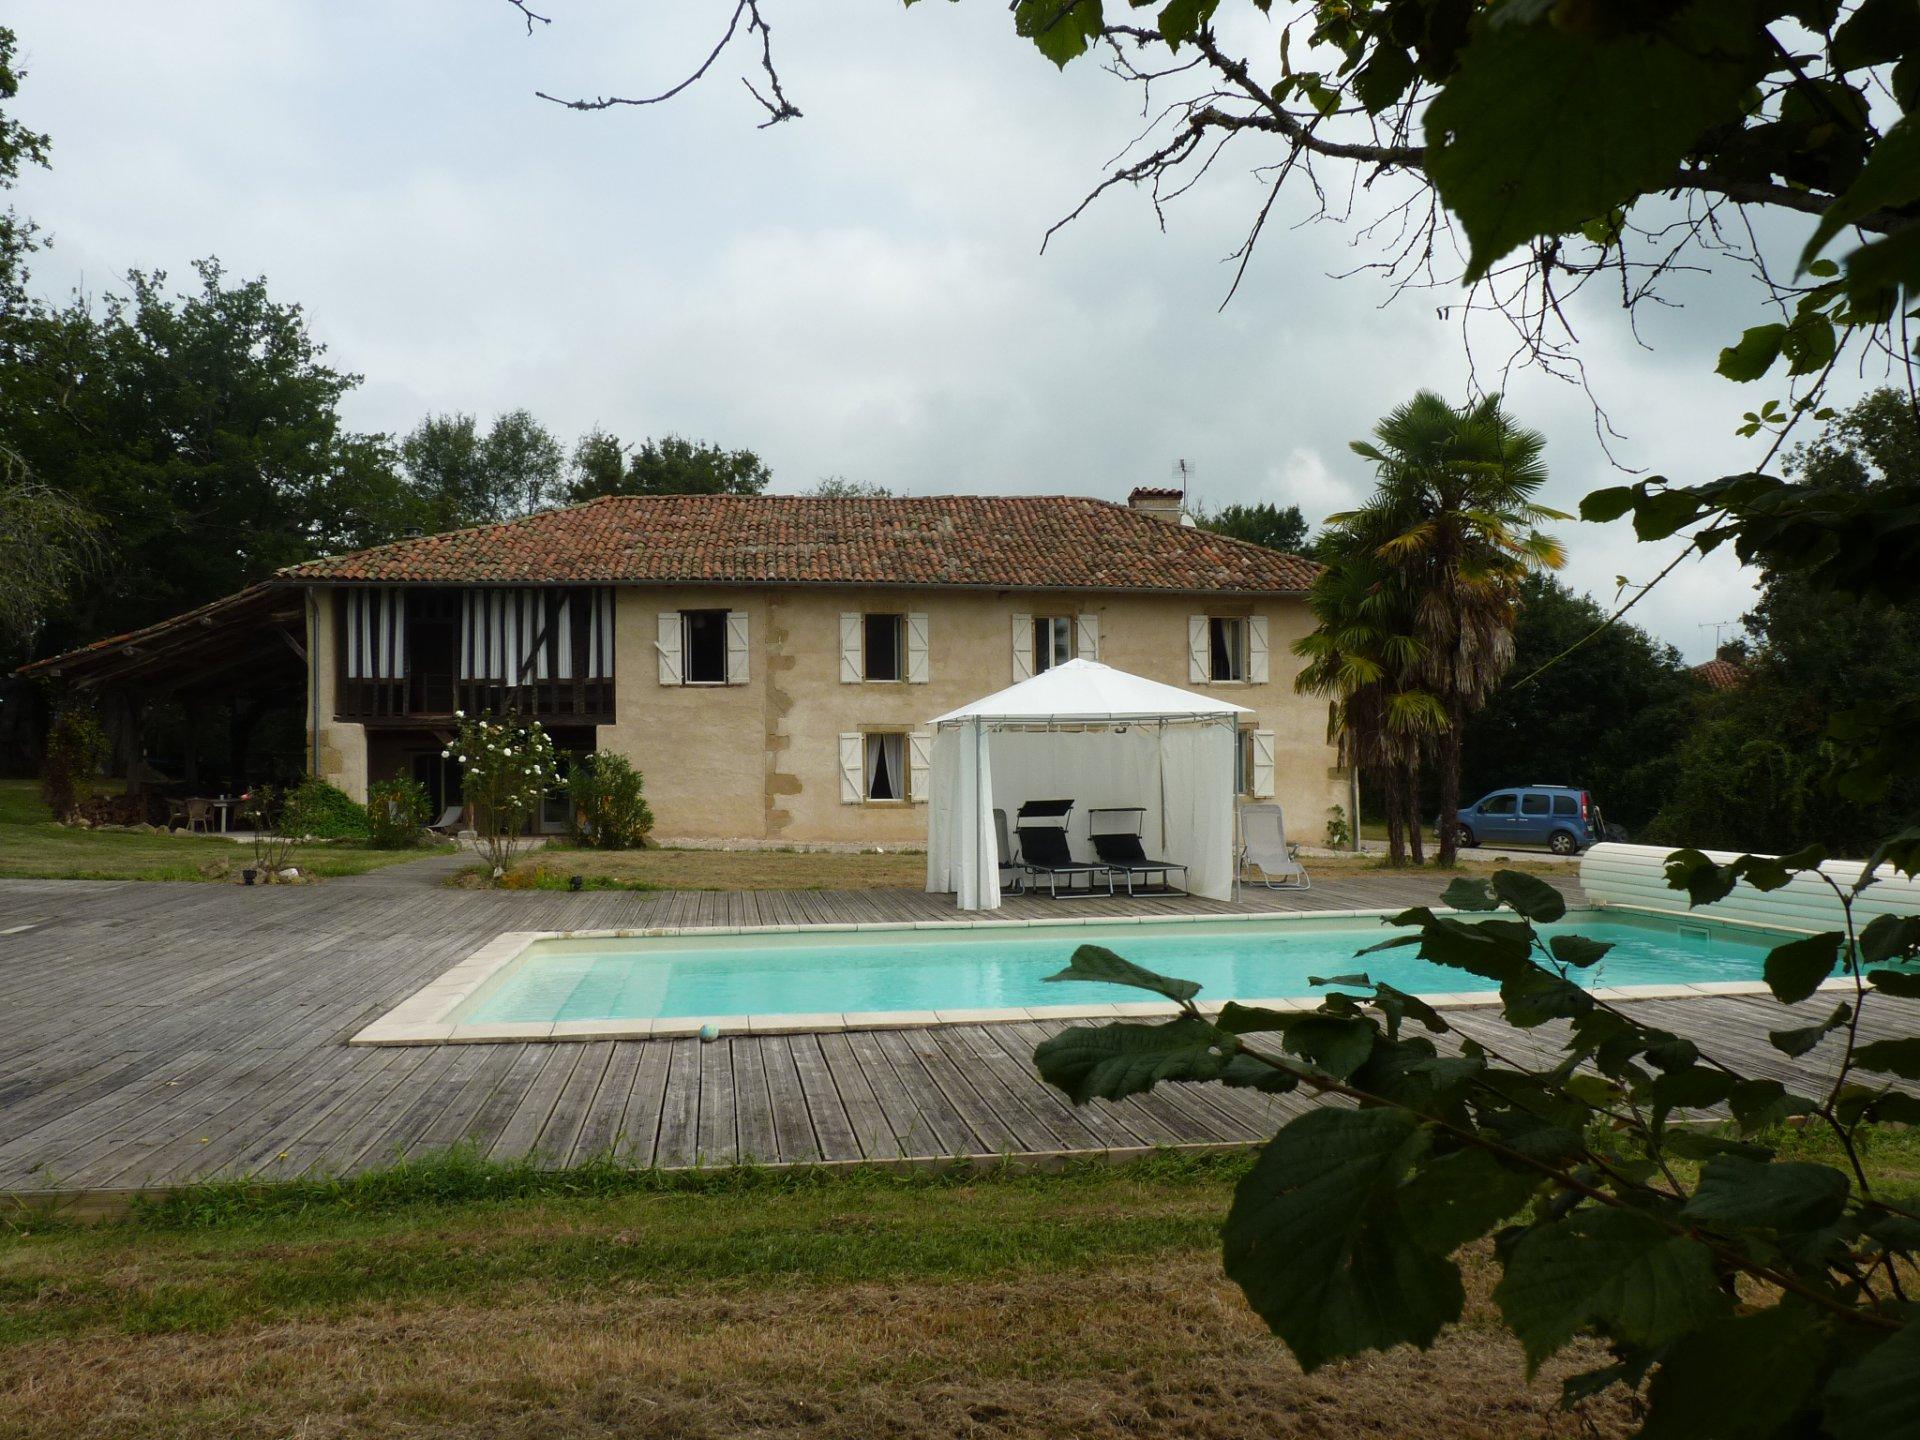 Location Maison/Villa Boulogne-sur-Gesse Boulogne-sur-Gesse 31350